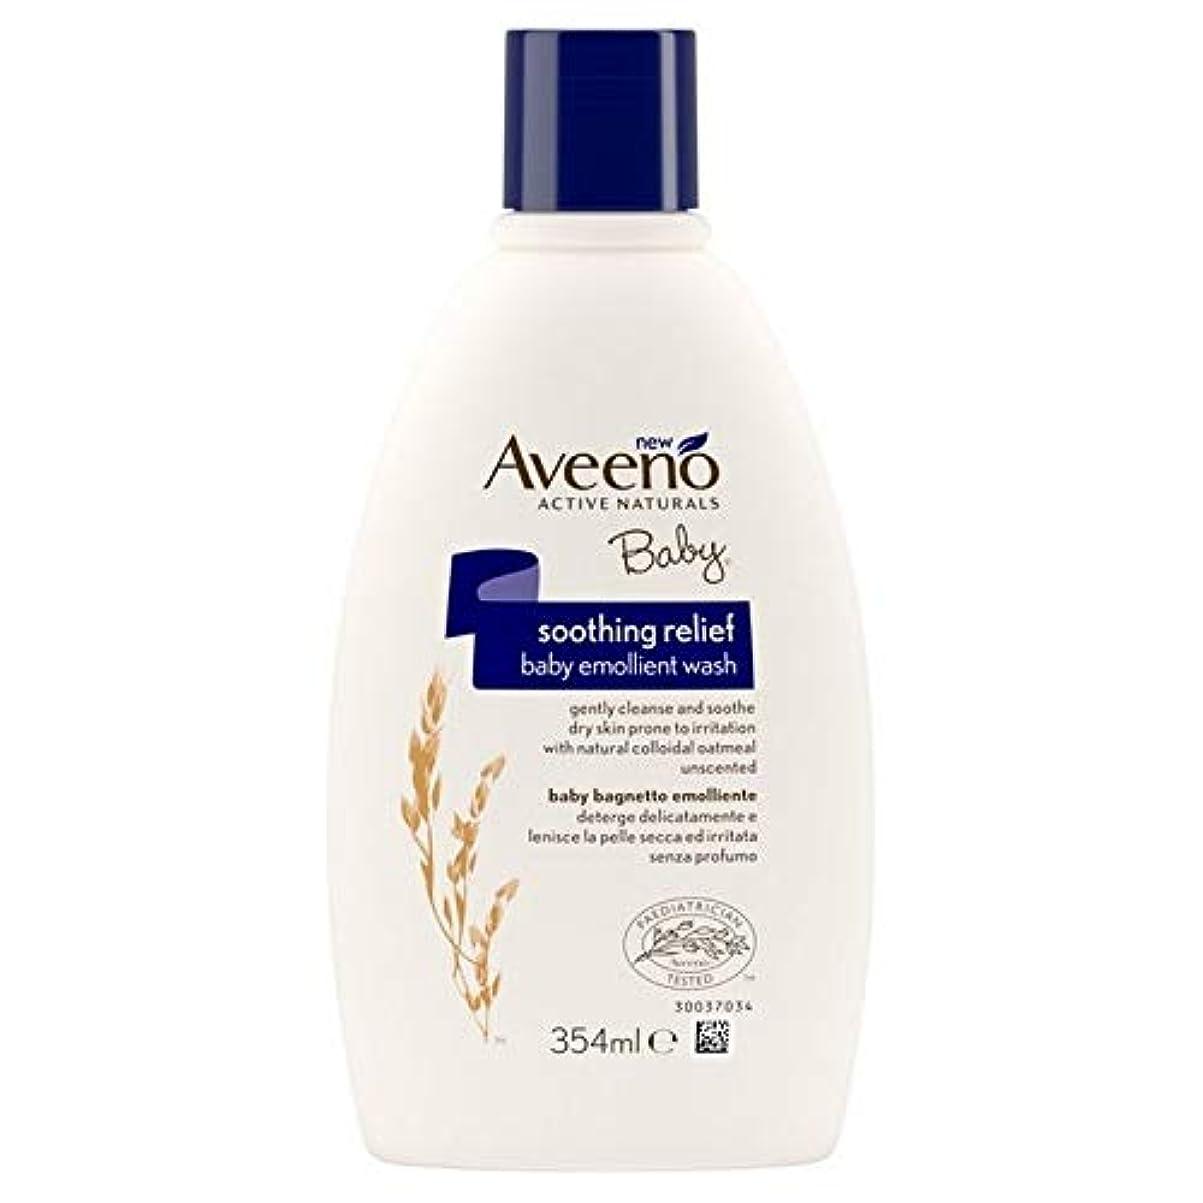 化学同盟コンクリート[Aveeno] Aveeno赤ちゃんなだめるような救済エモリエントウォッシュ370グラム - Aveeno Baby Soothing Relief Emollient Wash 370g [並行輸入品]